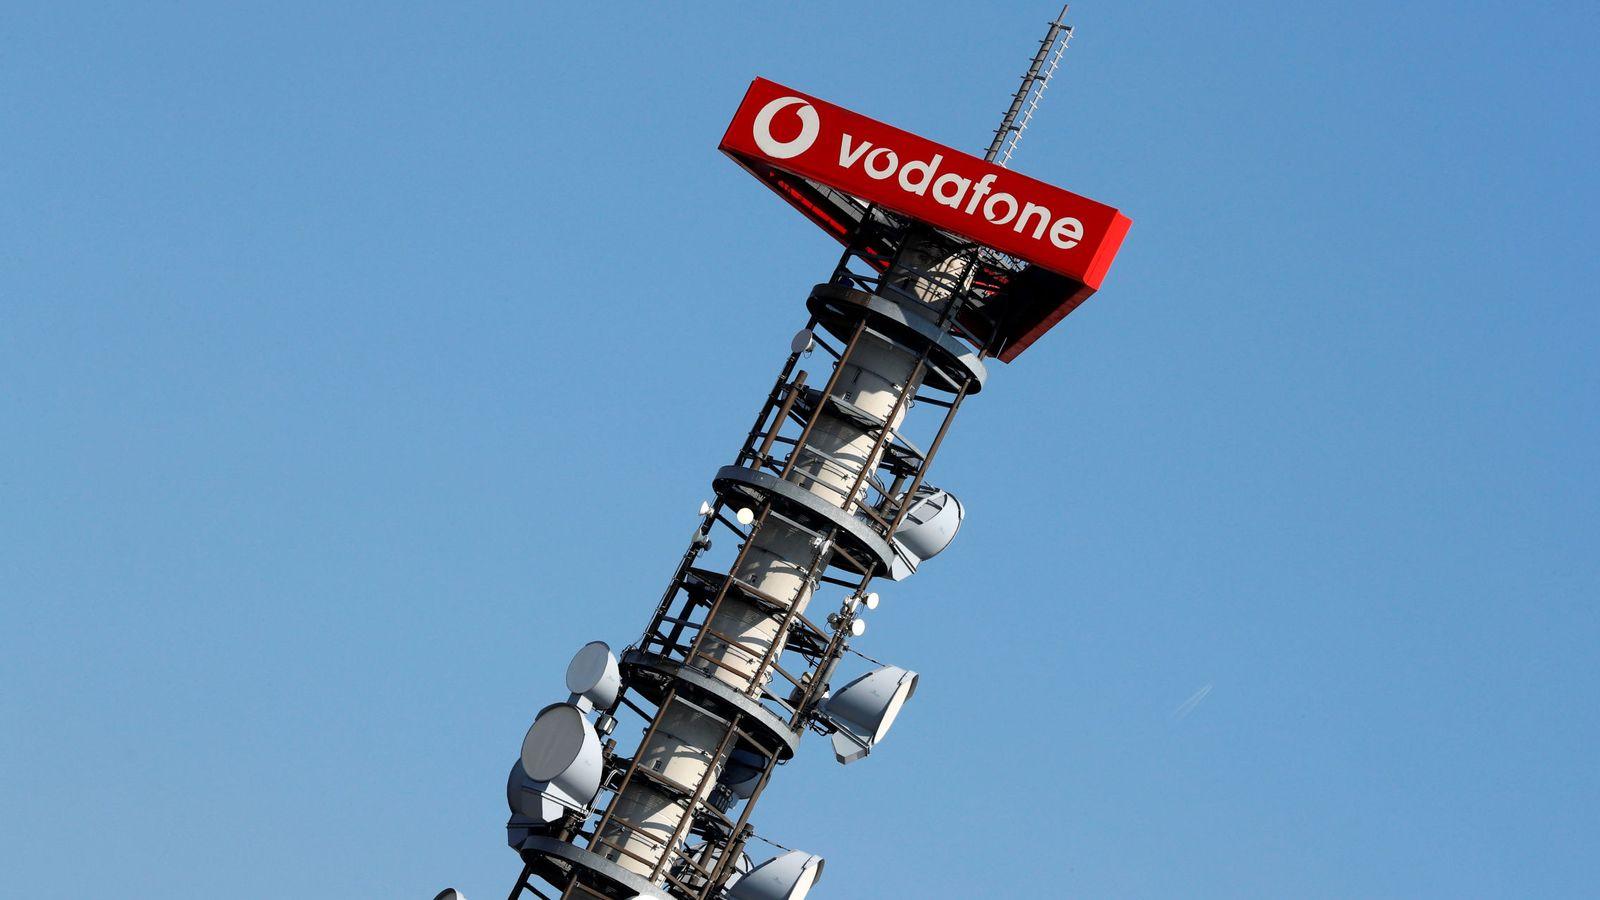 10133be9a9c Vodafone: Ya no pagarás los gigas sino la velocidad: Vodafone lanza 7  tarifas con datos ilimitados